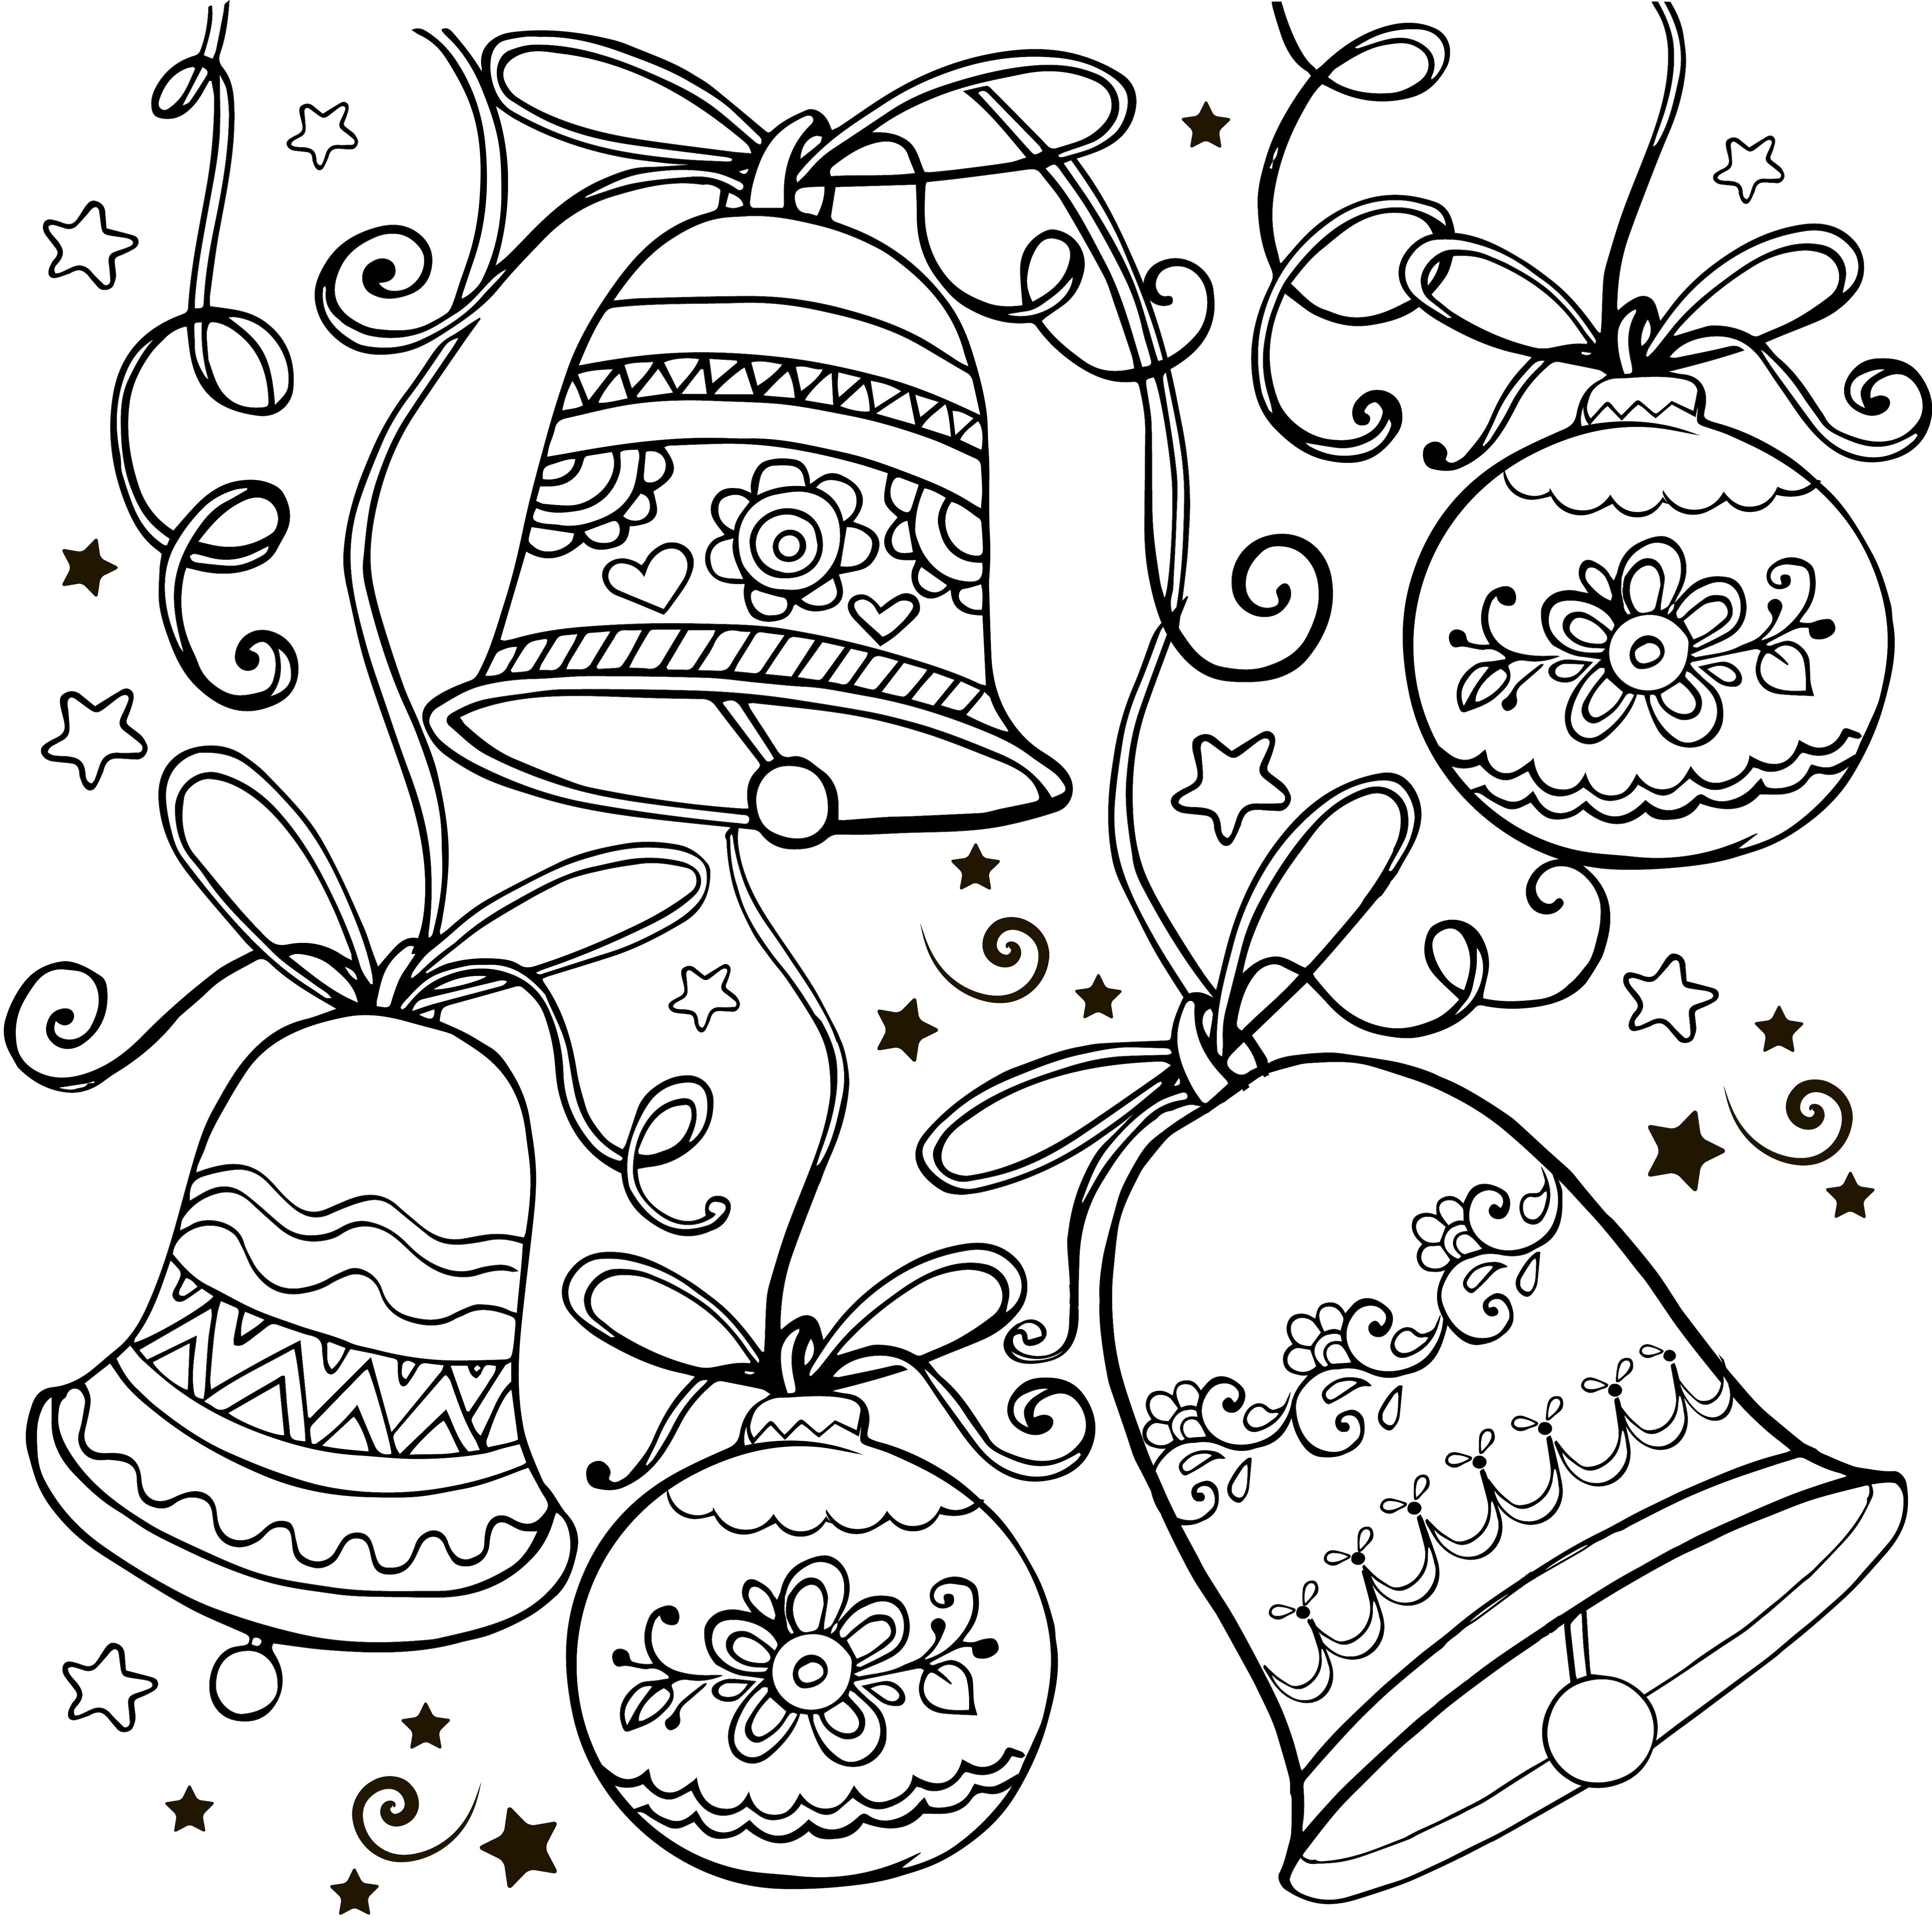 Natale Disegni Per Bambini Da Colorare Nostrofiglioit